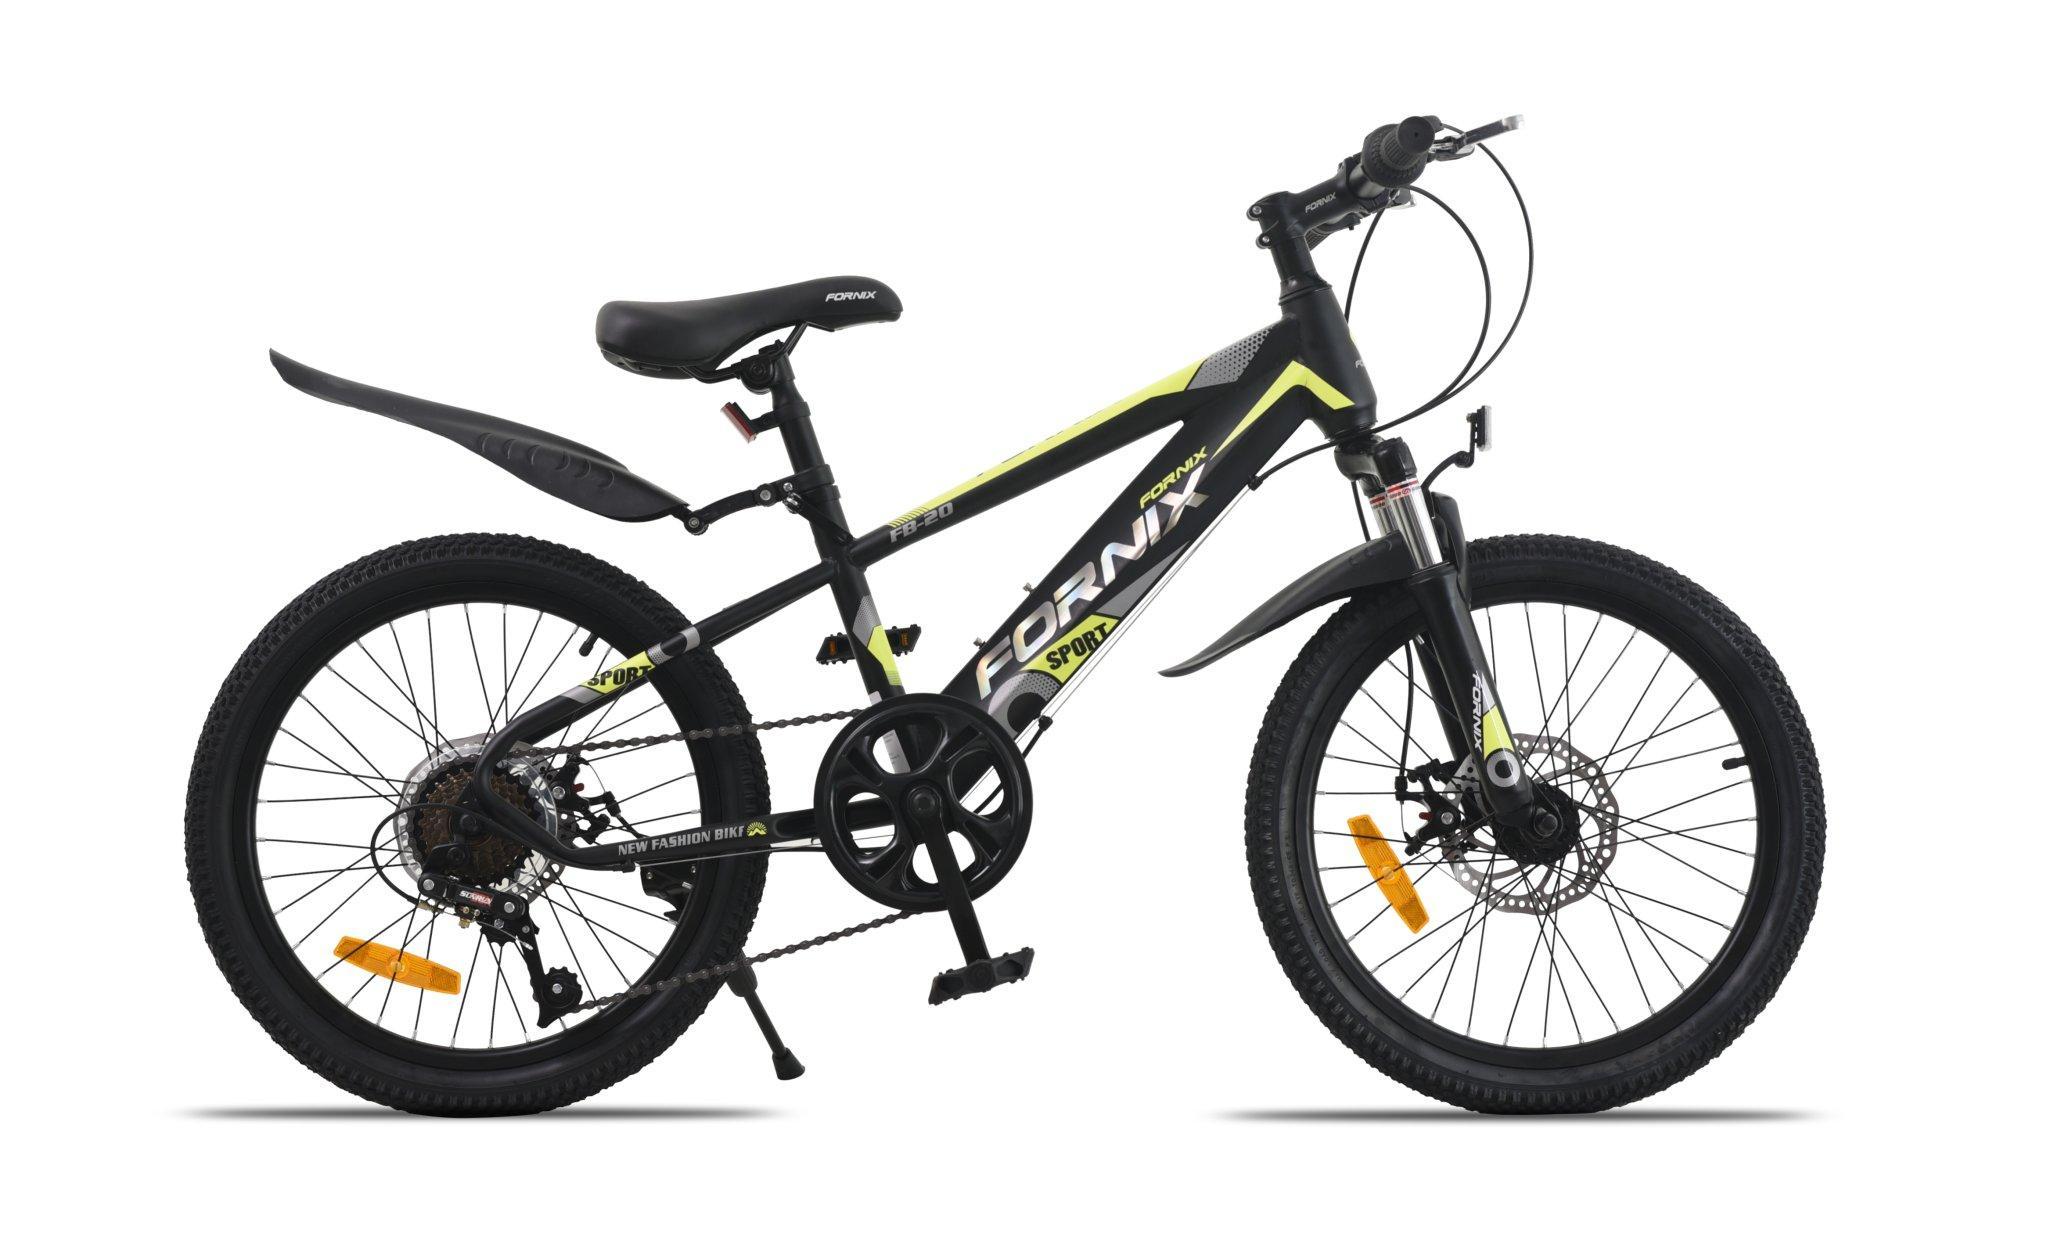 Mua Xe đạp địa hình trẻ em thể thao Fornix FB20- Vòng bánh 20- Bảo hành 12 tháng